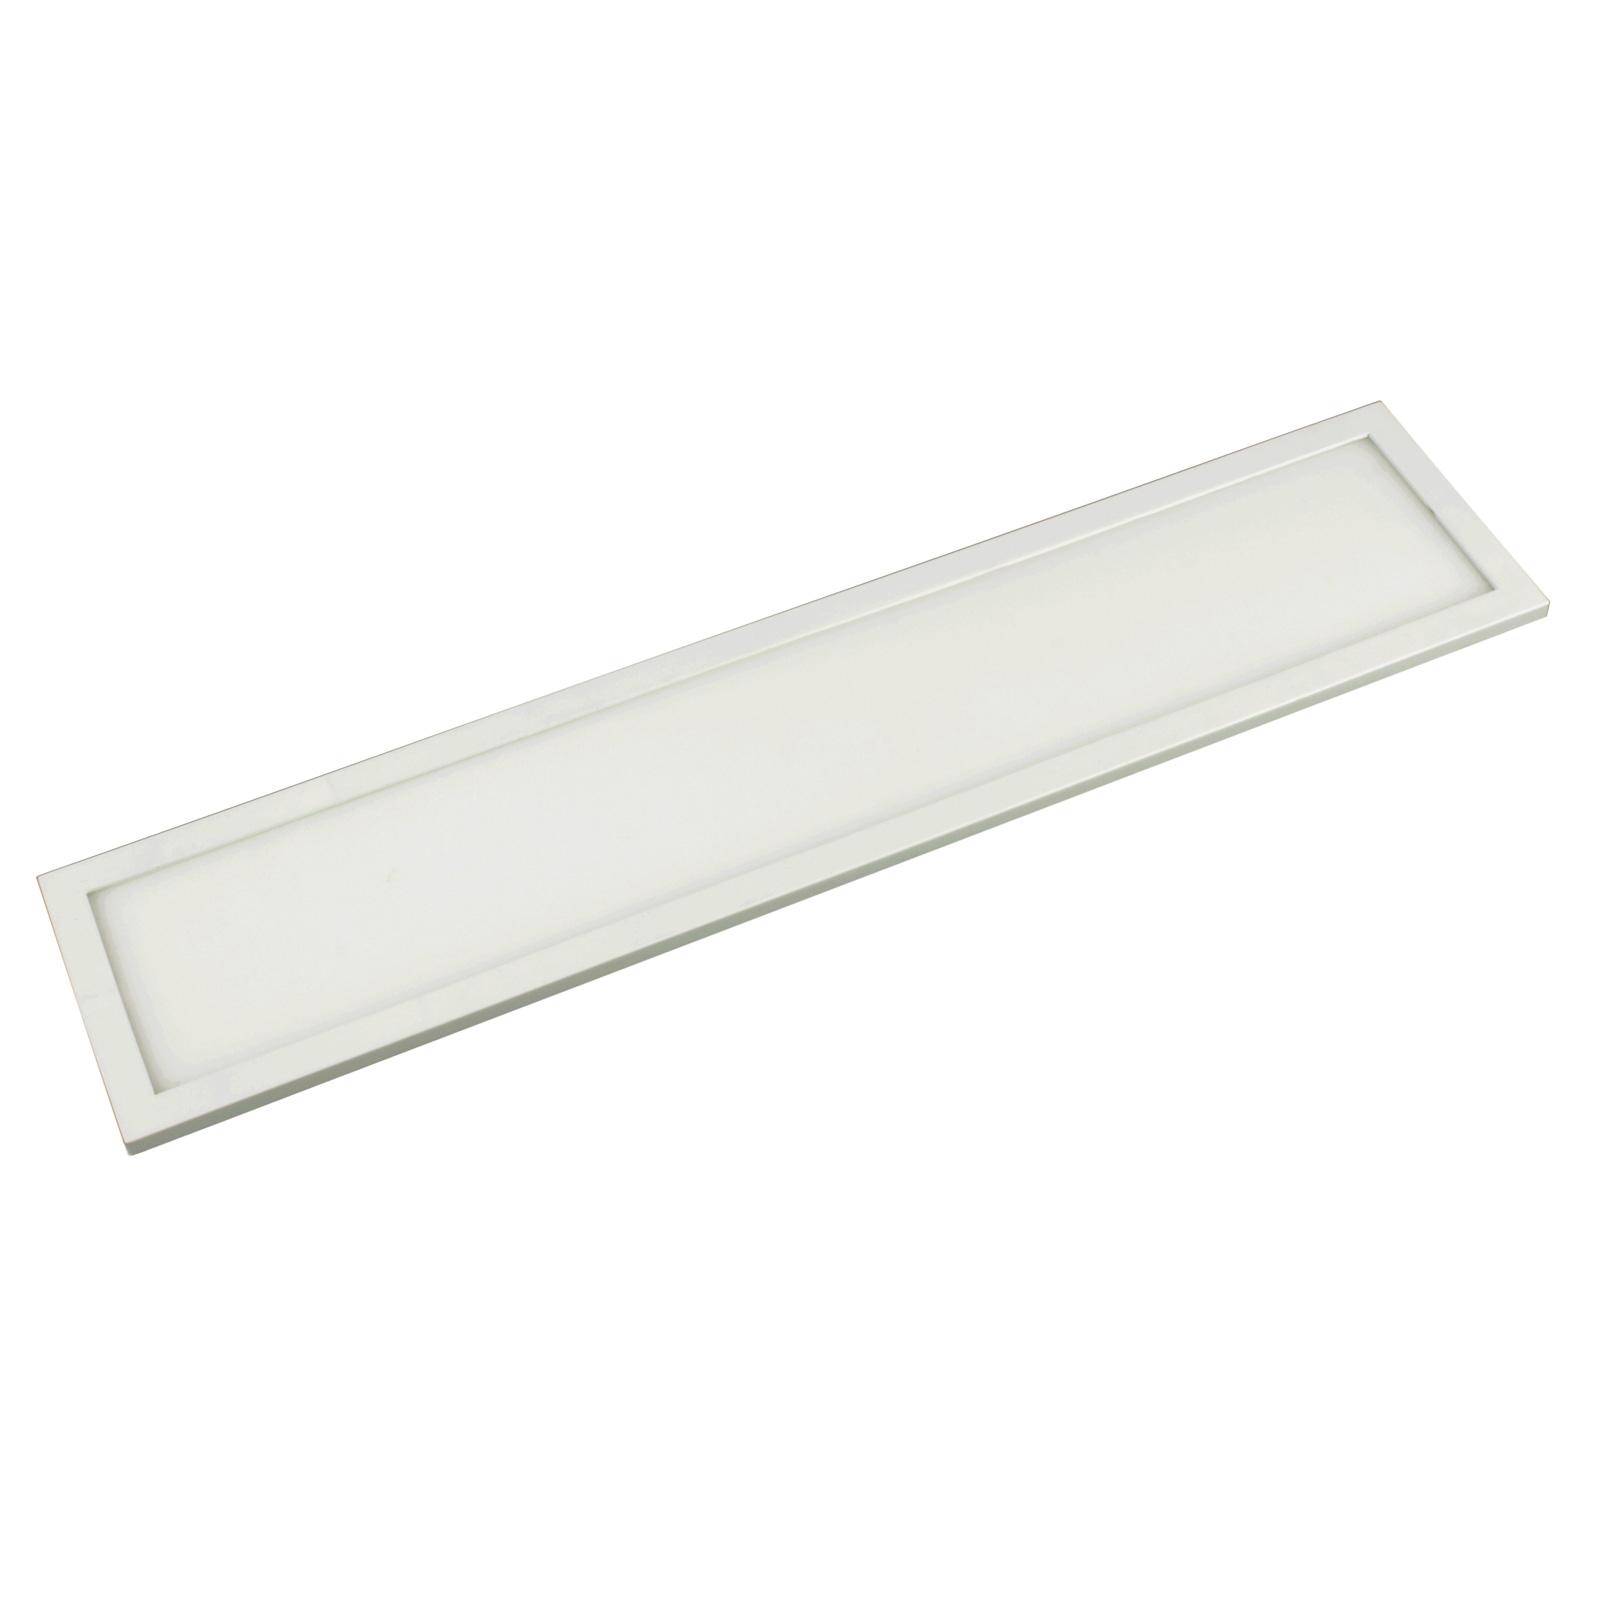 LED-kaapinalusvalaisin Unta Slim 8W, valkoinen